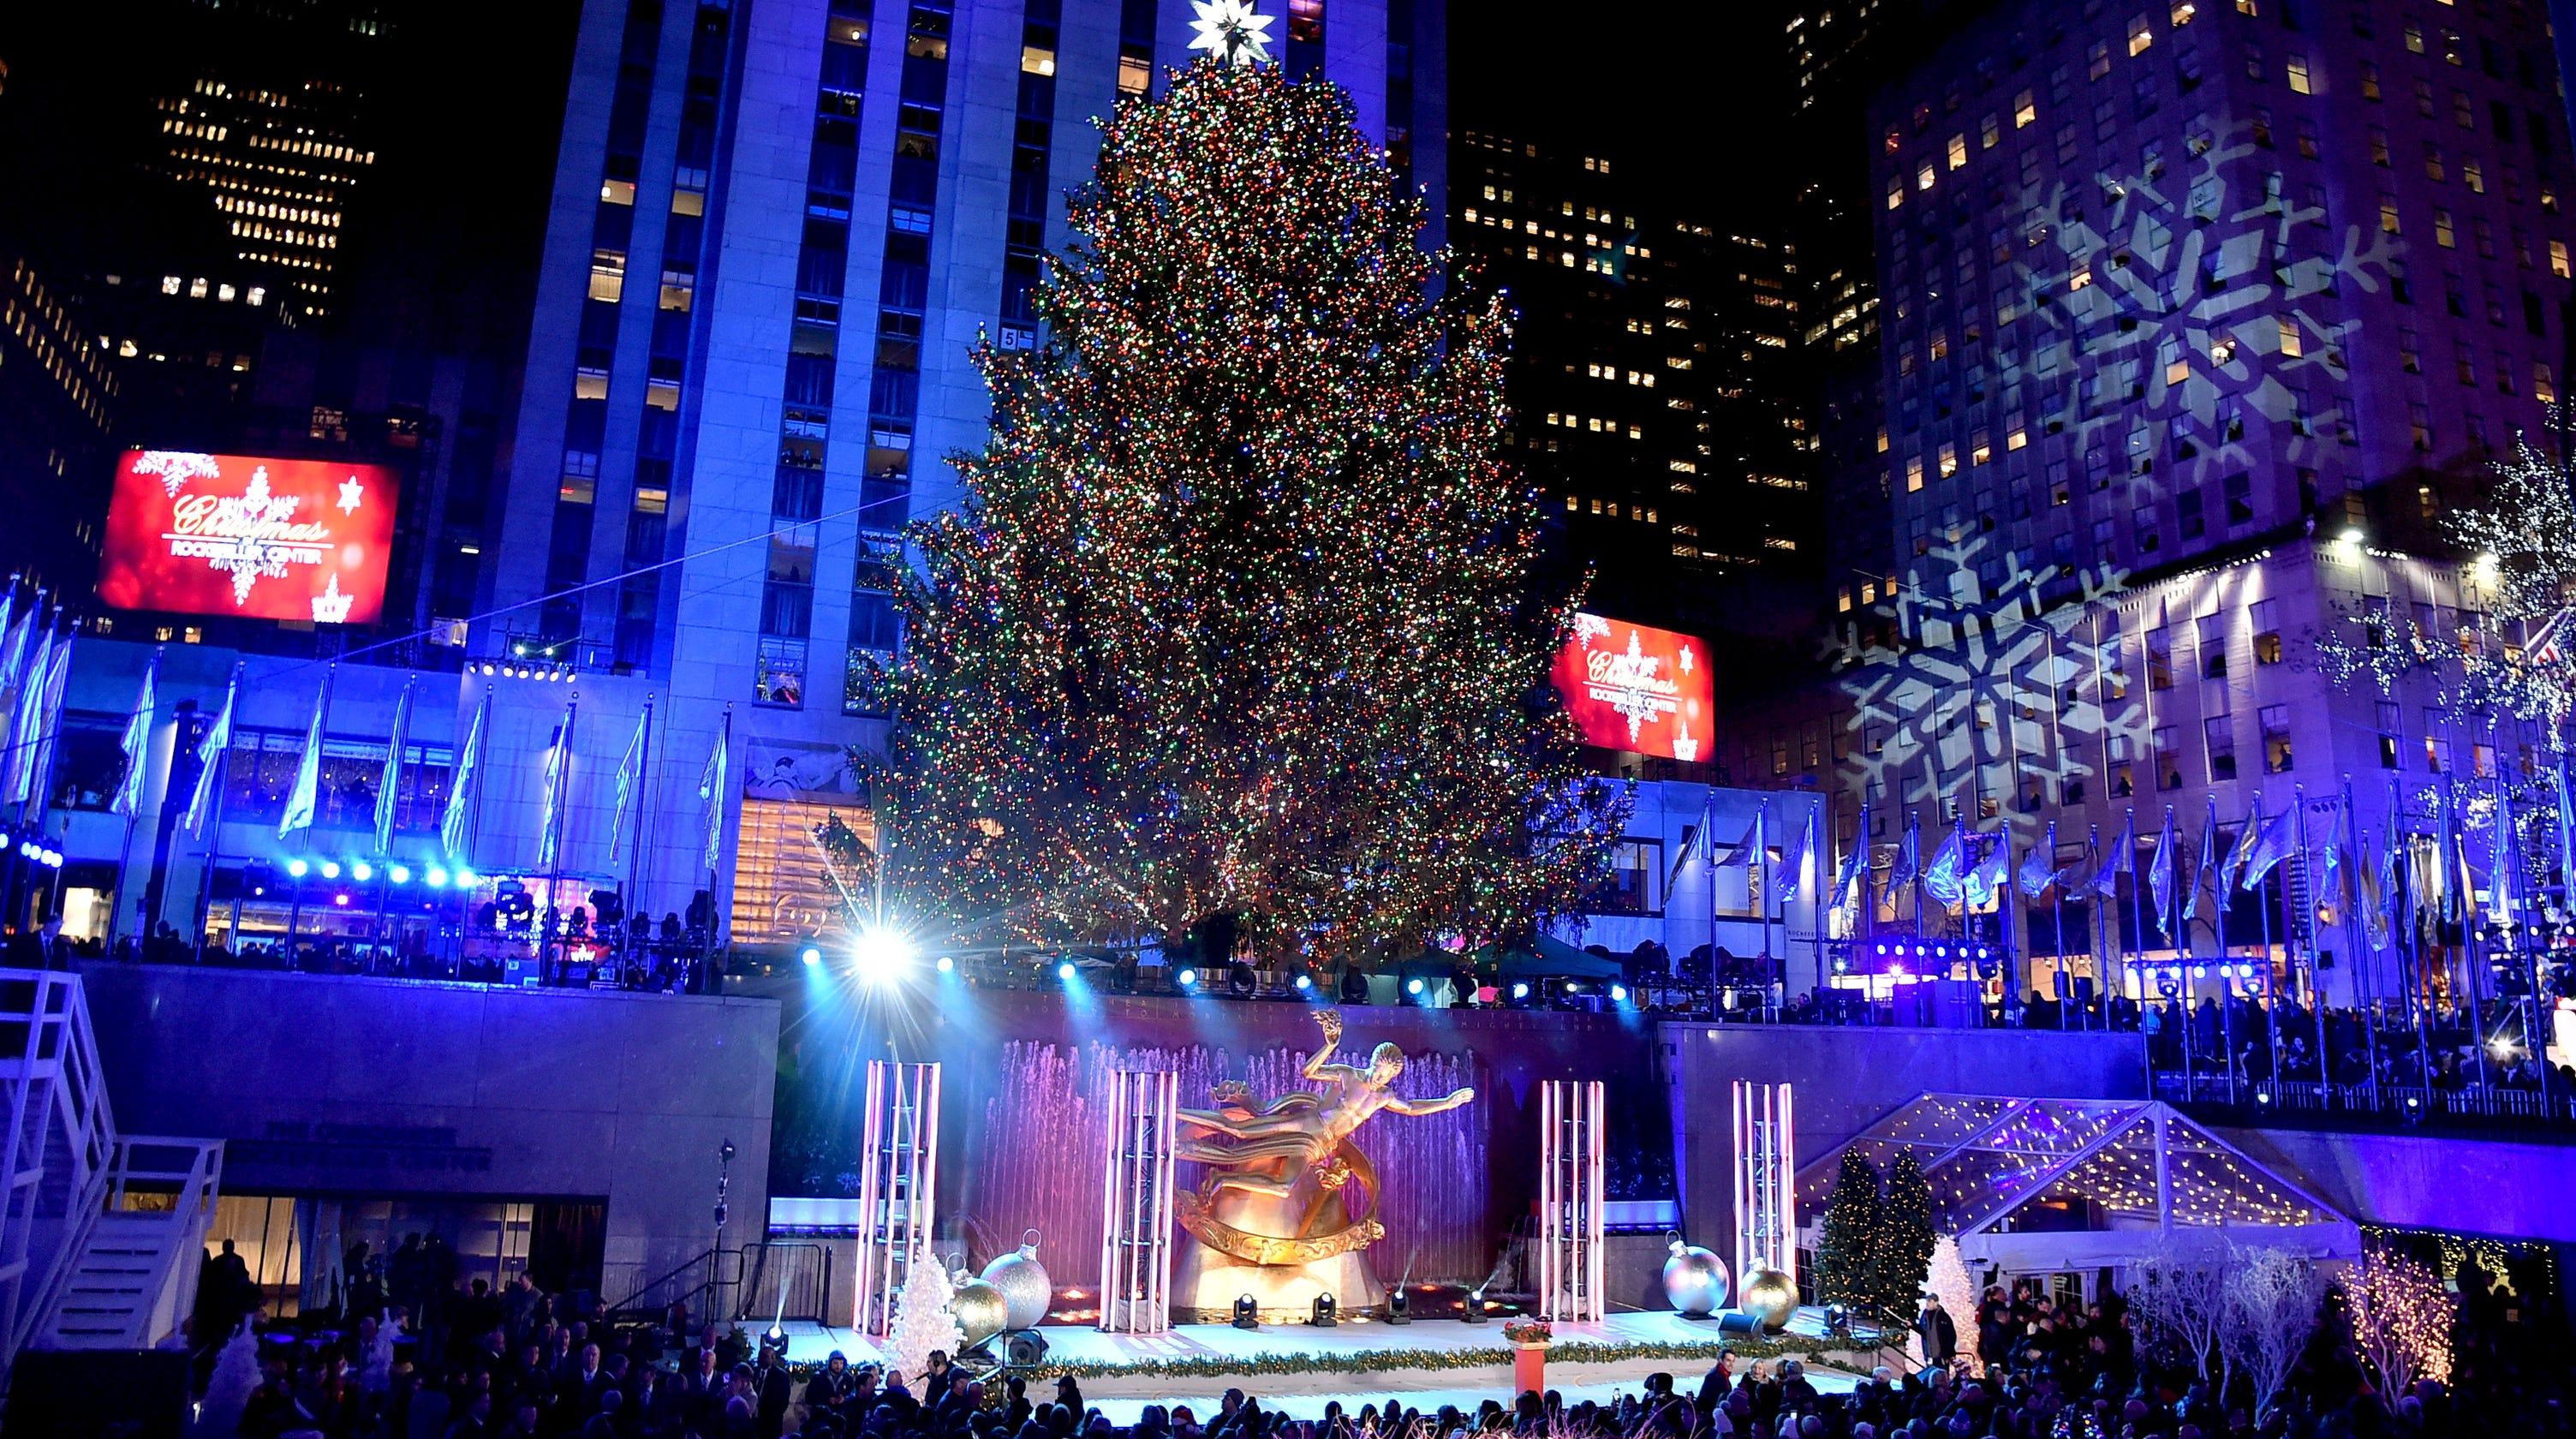 Rockefeller Center Christmas Tree lighting ceremony 2019 details